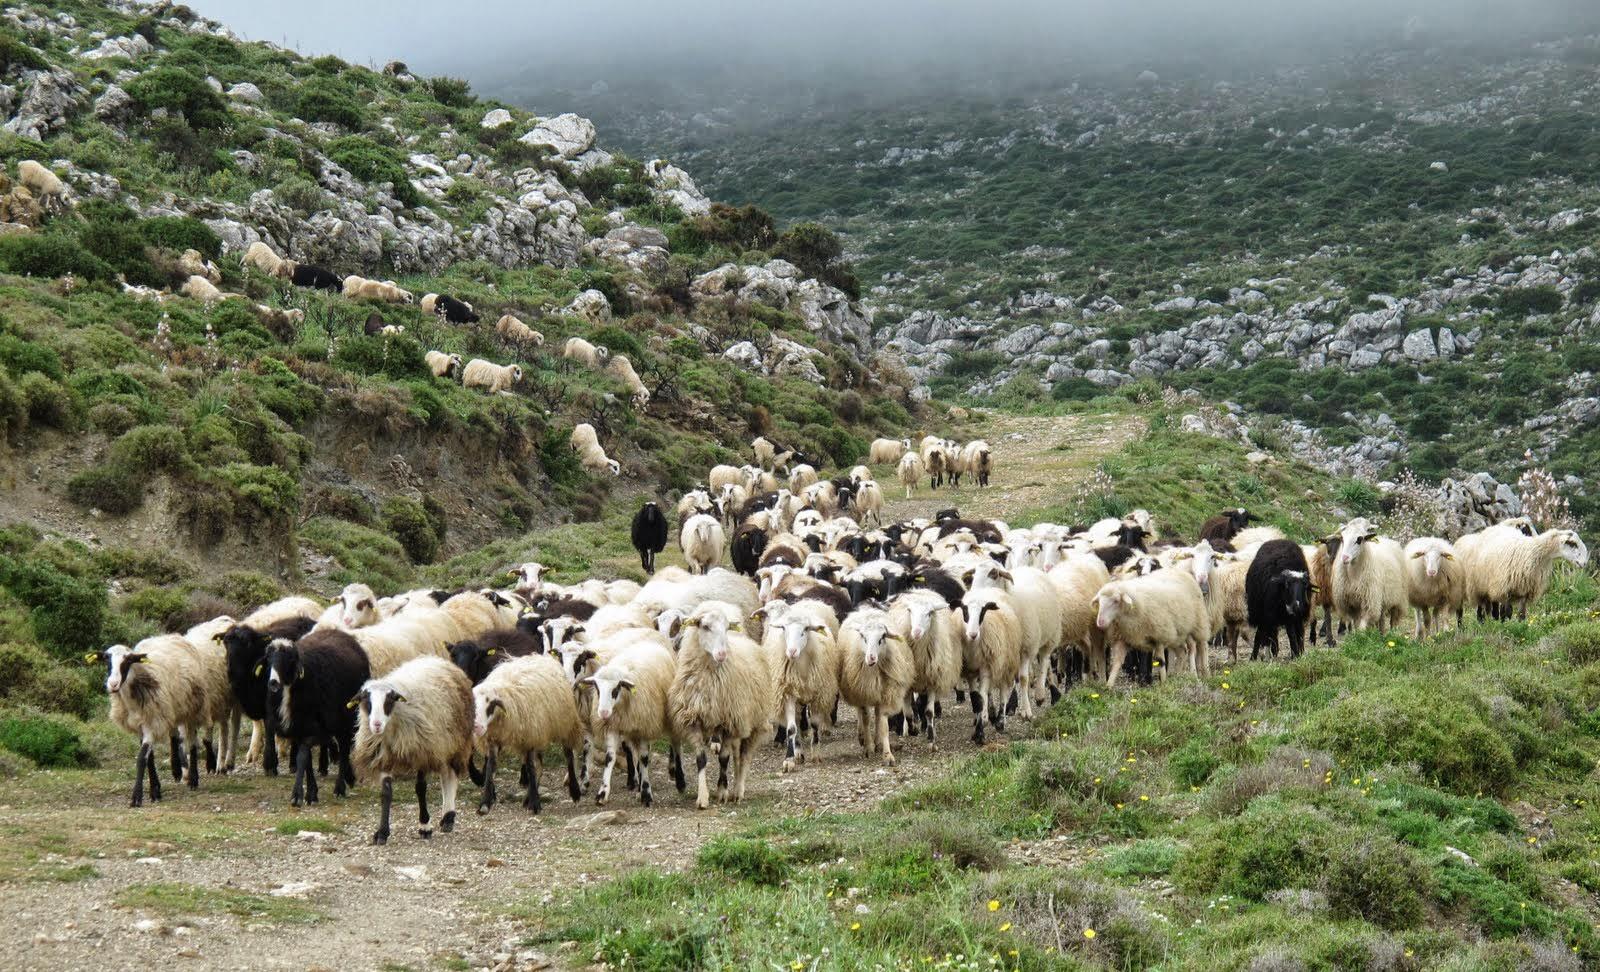 Και δεύτερος κτηνοτρόφος στην Ελασσόνα απασχολούσε παράνομα εργαζόμενο